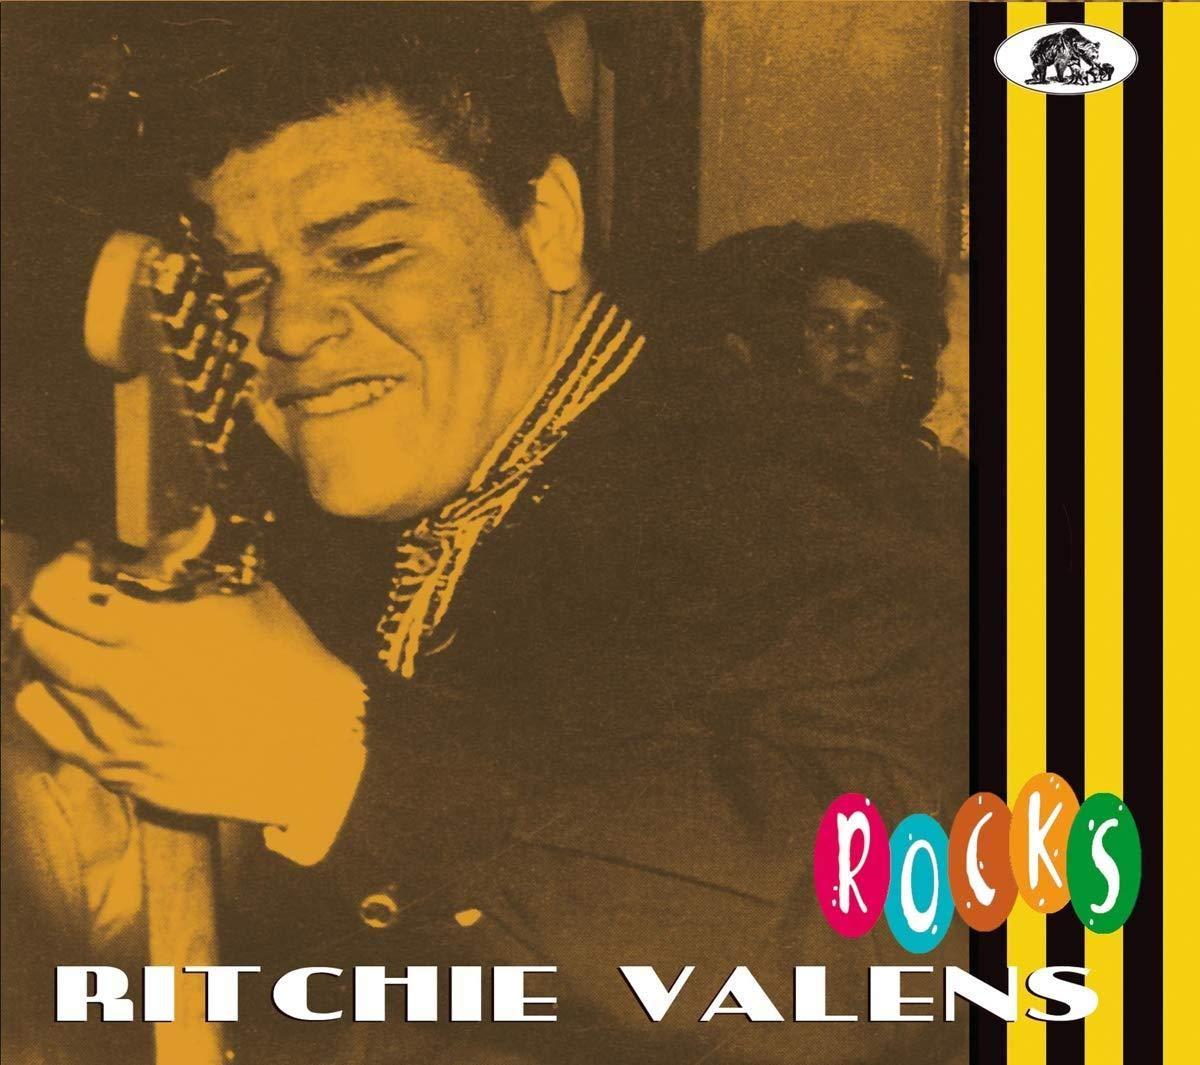 RItchie Valens Rocks